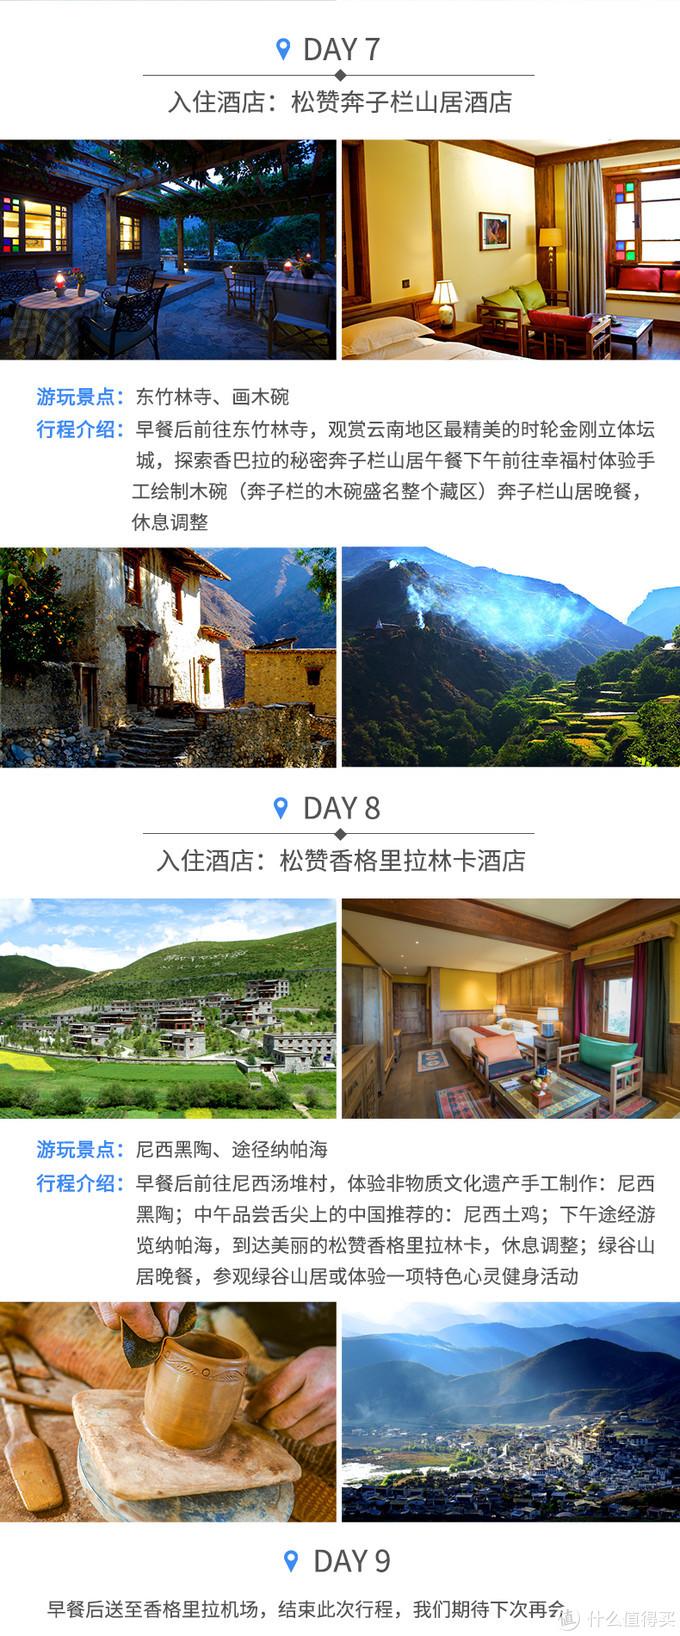 跟着酒店去旅行(松赞滇藏线/云南环线、洲际川滇大环线、茶马道丽世小环线)